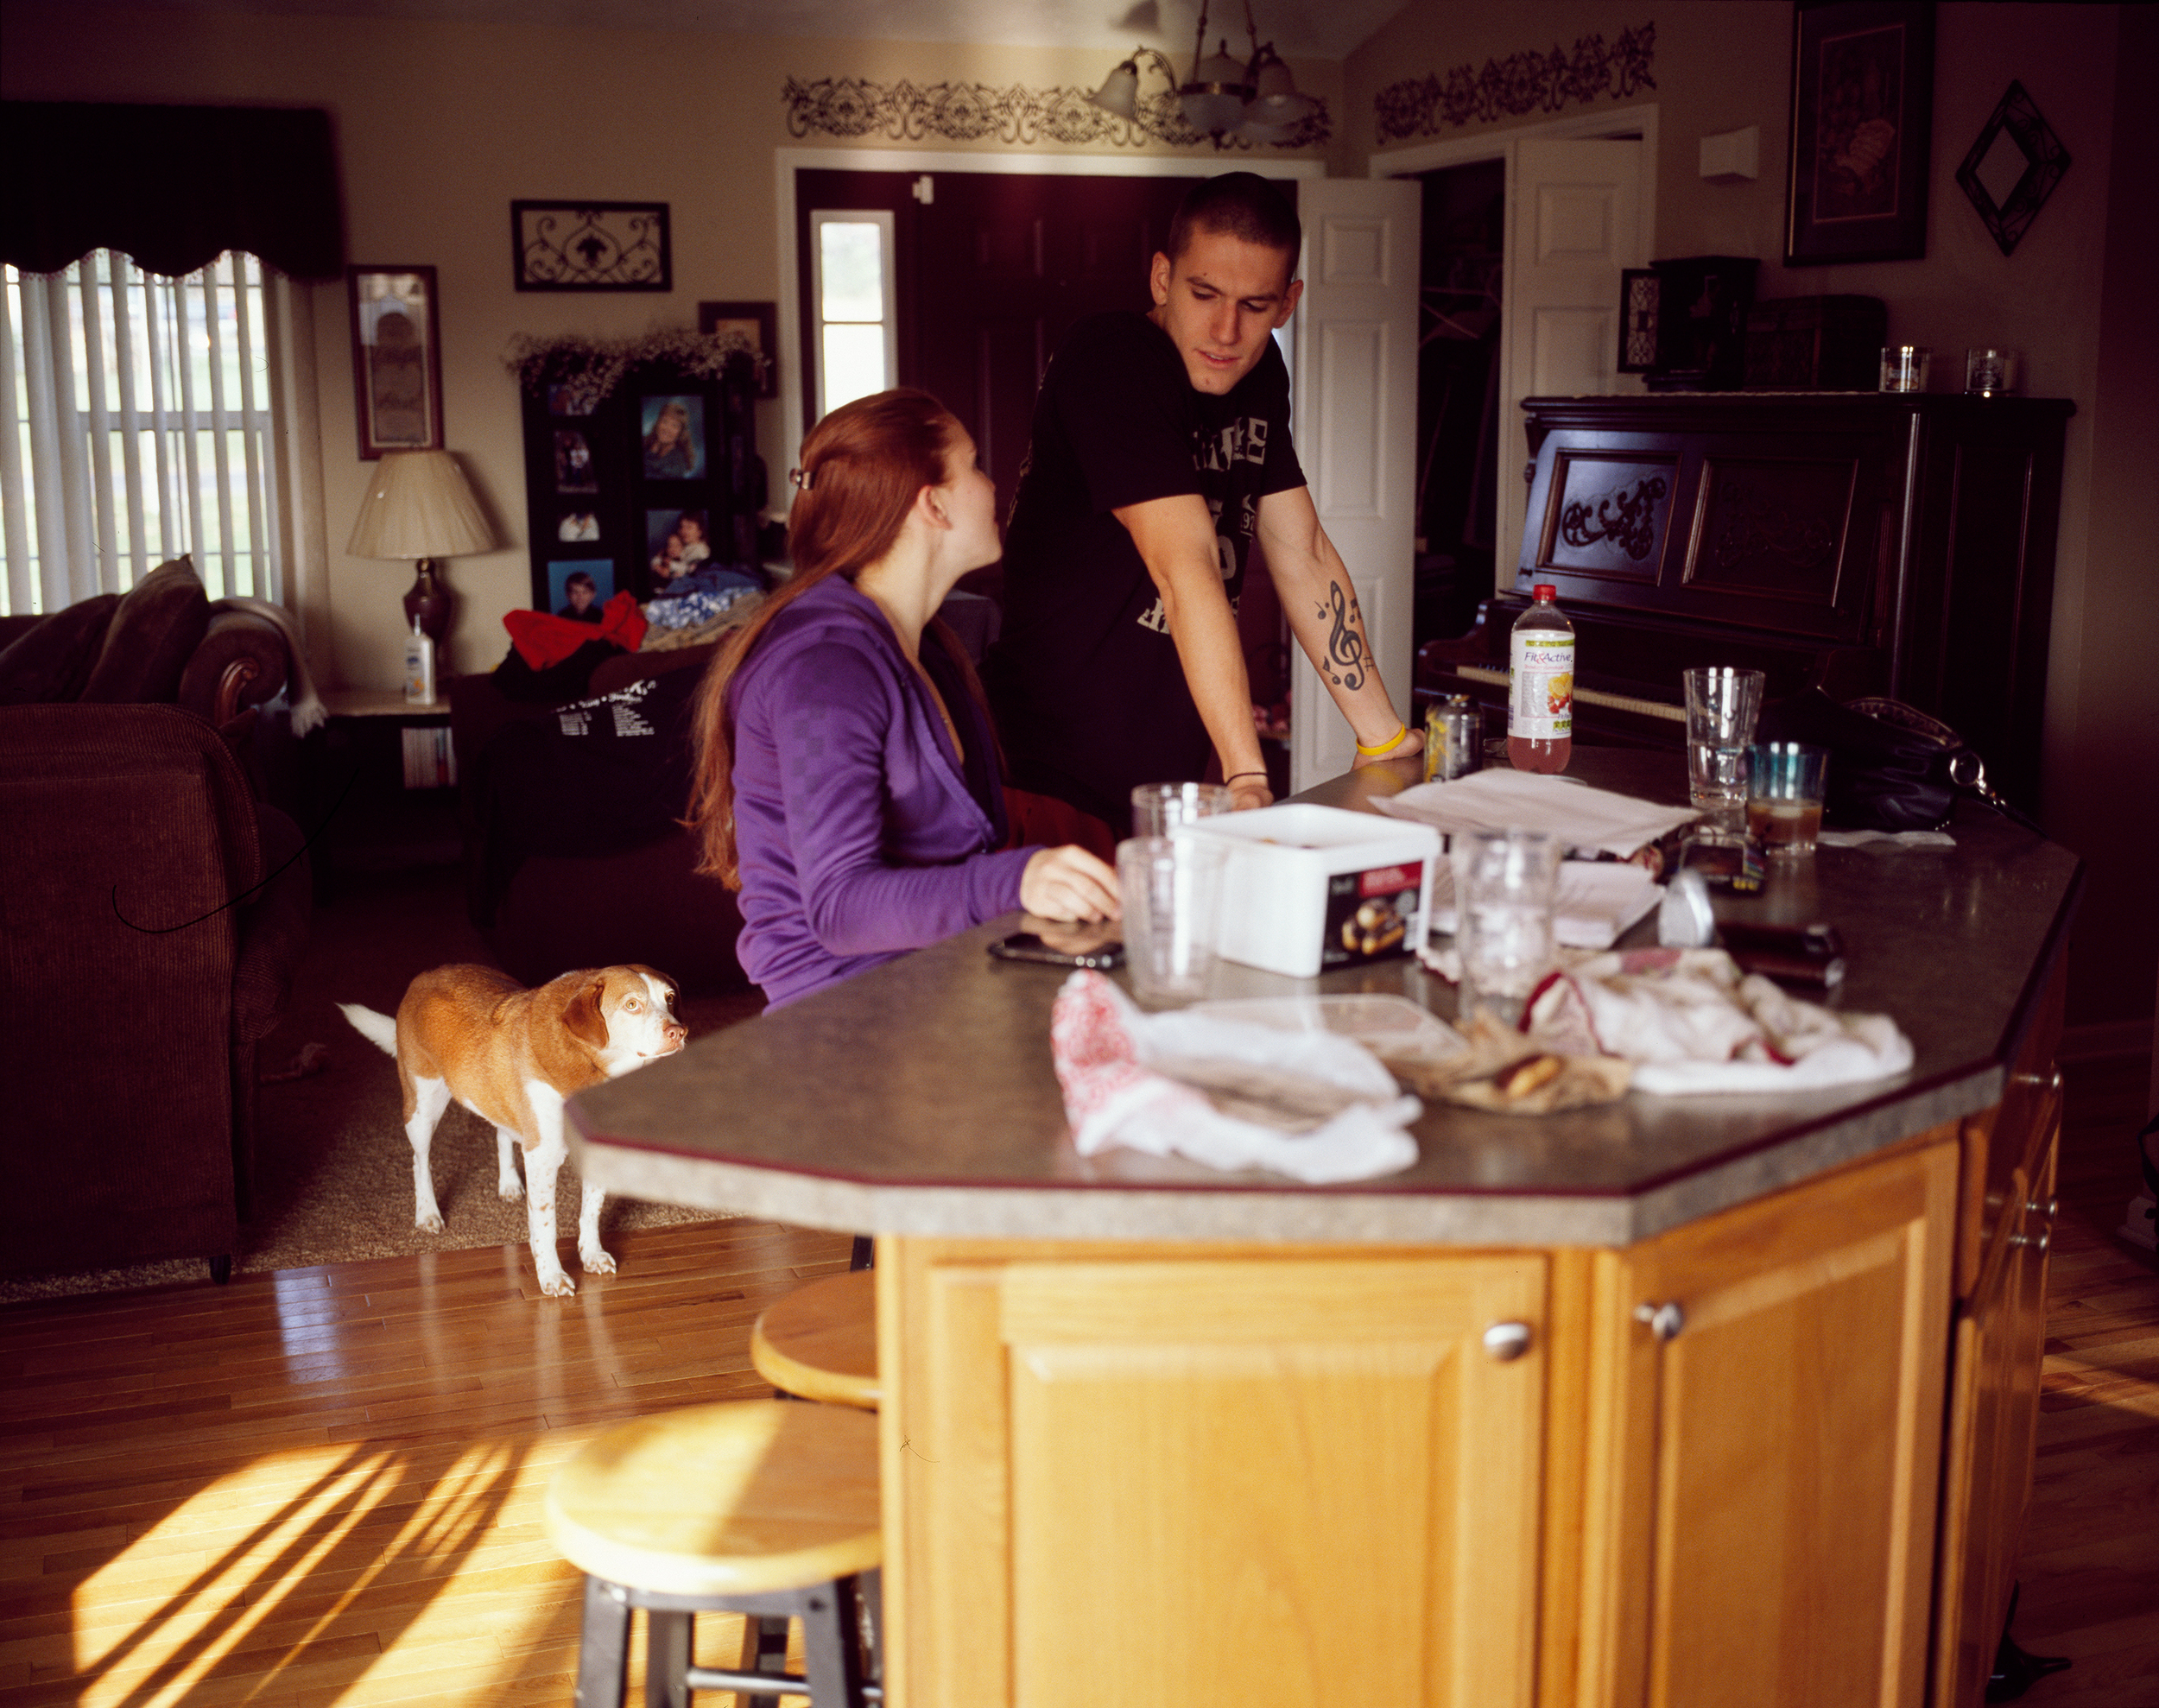 Ben & Brittany in the Kitchen